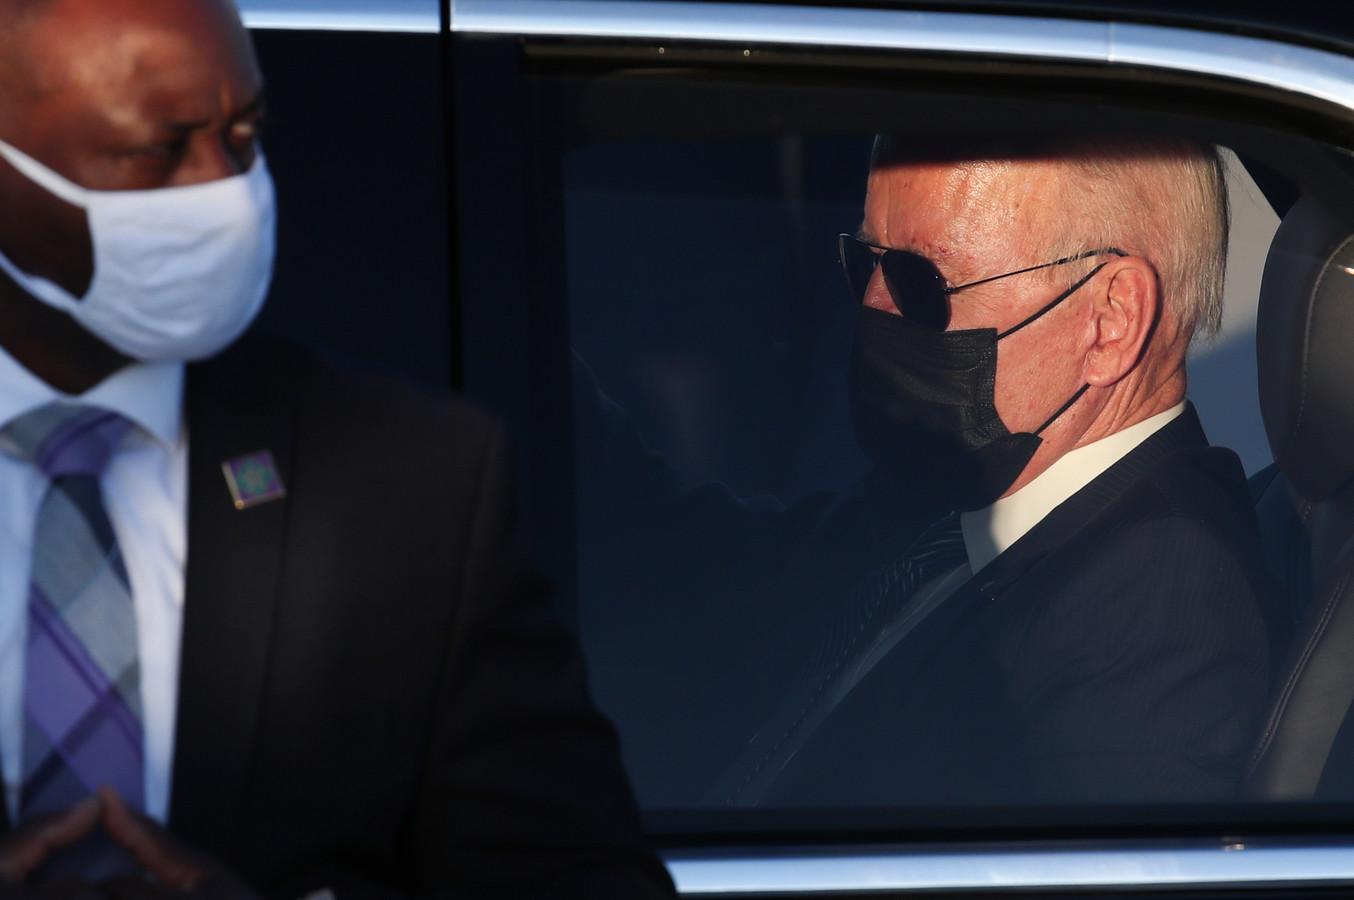 President Joe Biden neemt plaats in 'The Beast' kort na zijn aankomst in Melsbroek.